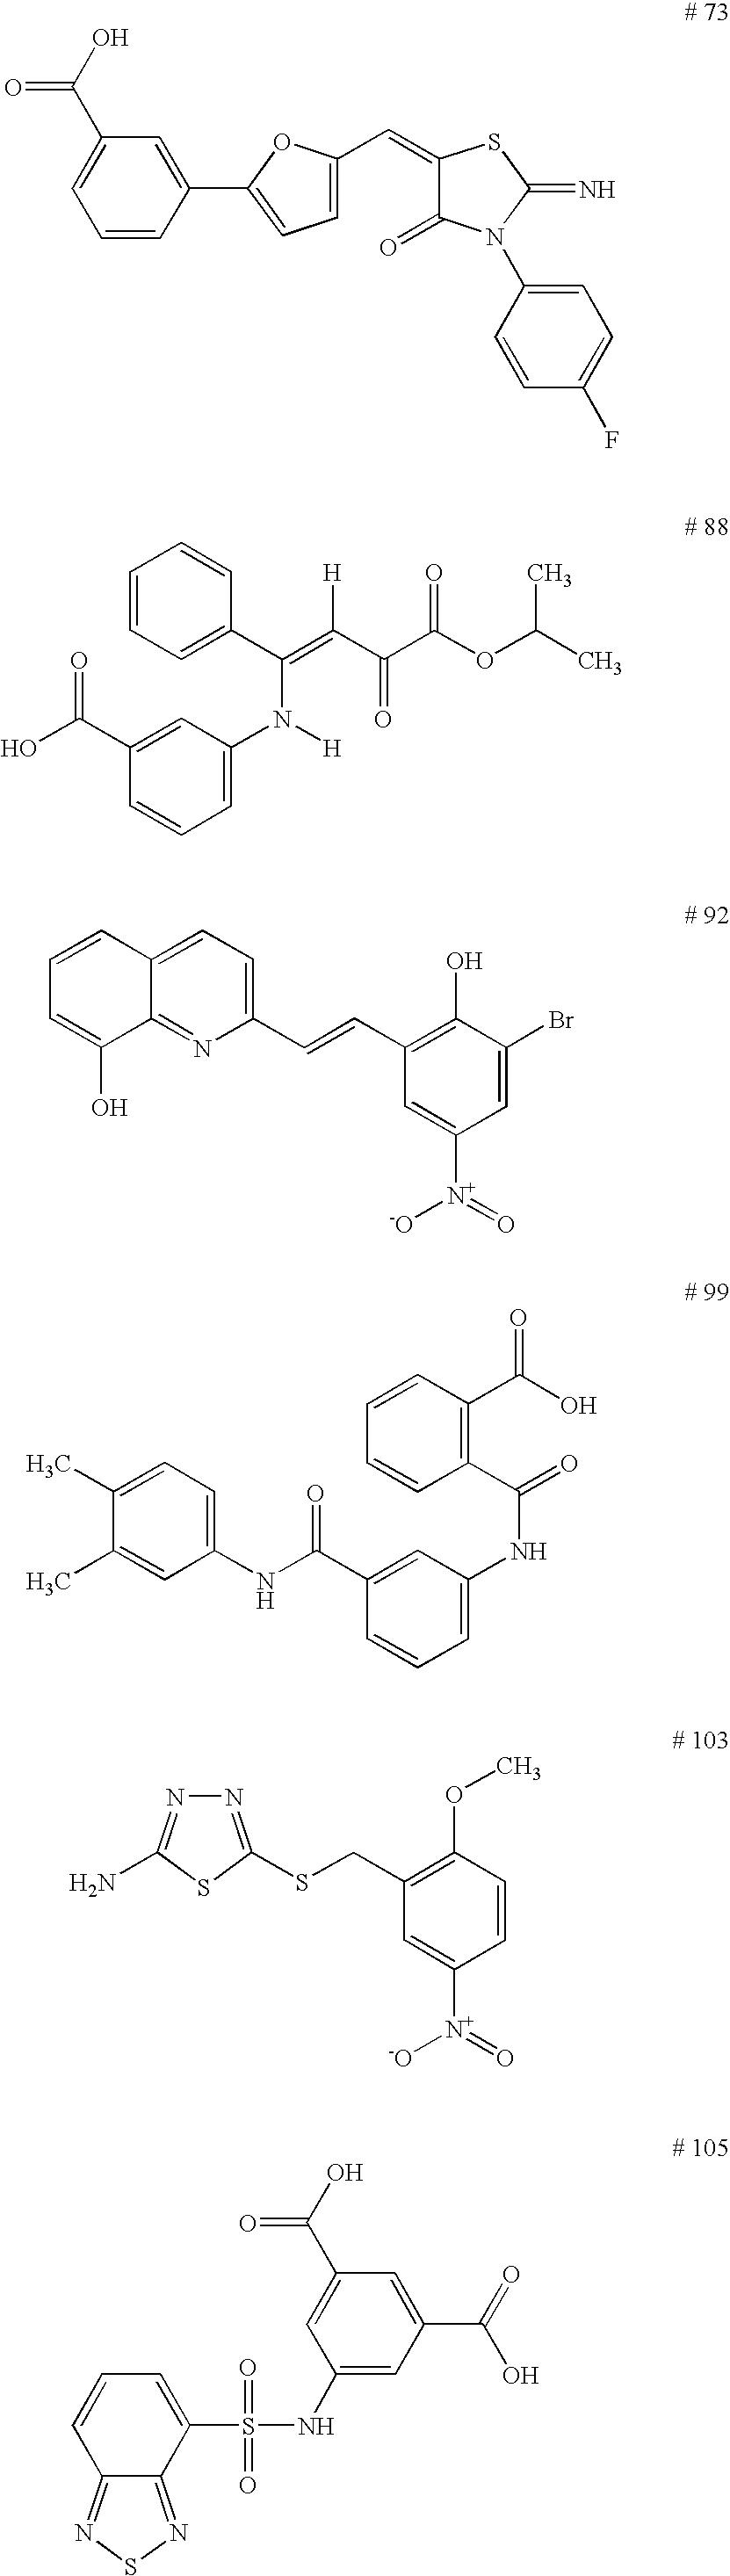 Figure US20070196395A1-20070823-C00169